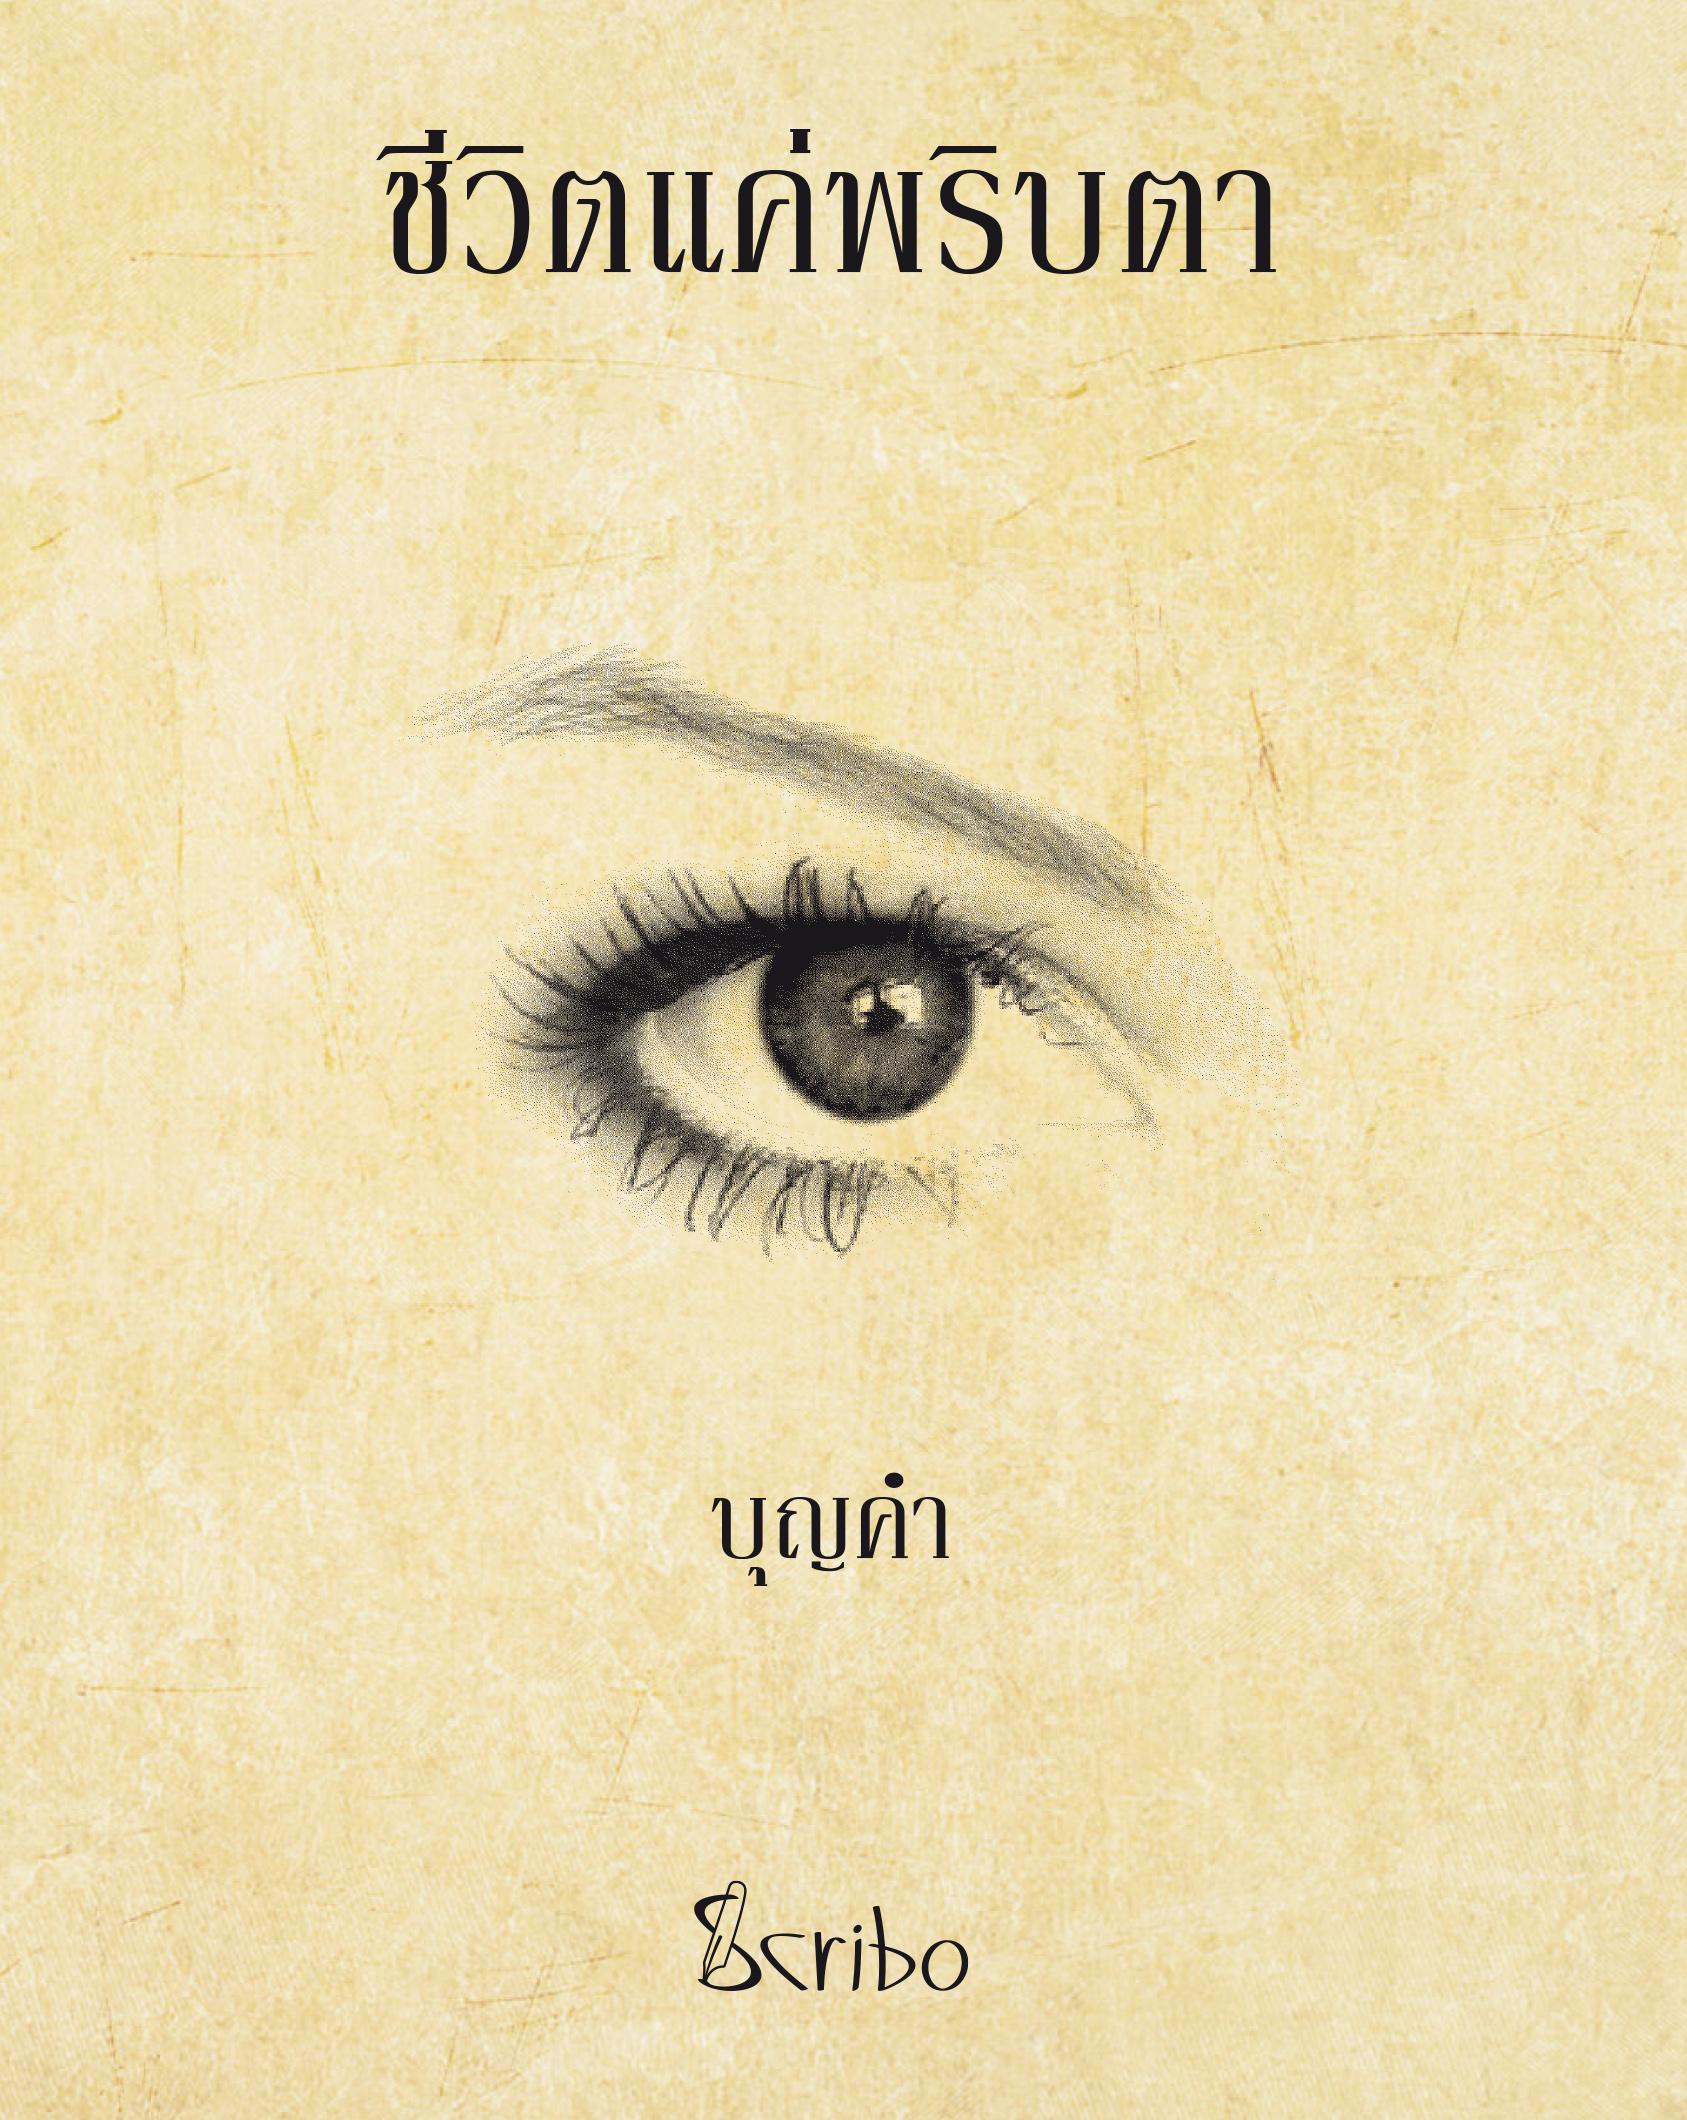 La vita in un batter d'occhio – ชีวิตแค่พริบตา